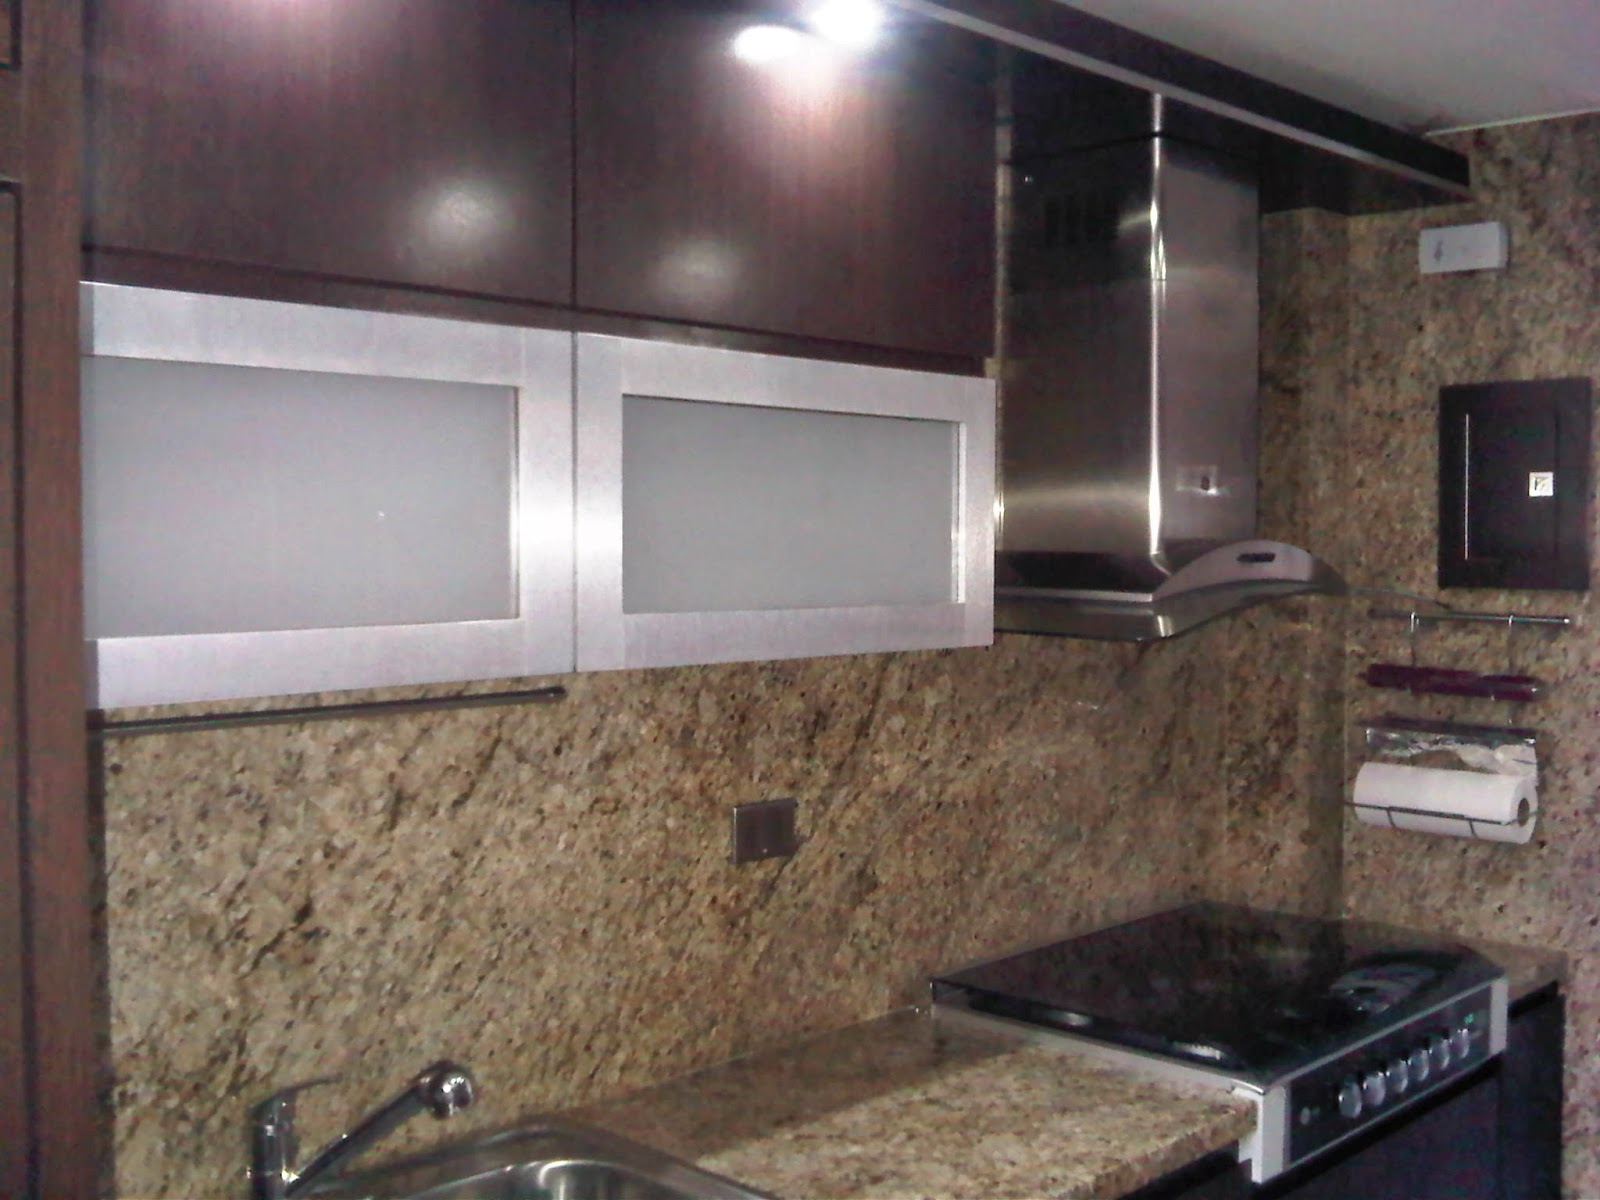 Elige siente vive y disfruta tu propio espacio cocinas empotradas modernas dise os - Figuras decorativas modernas ...